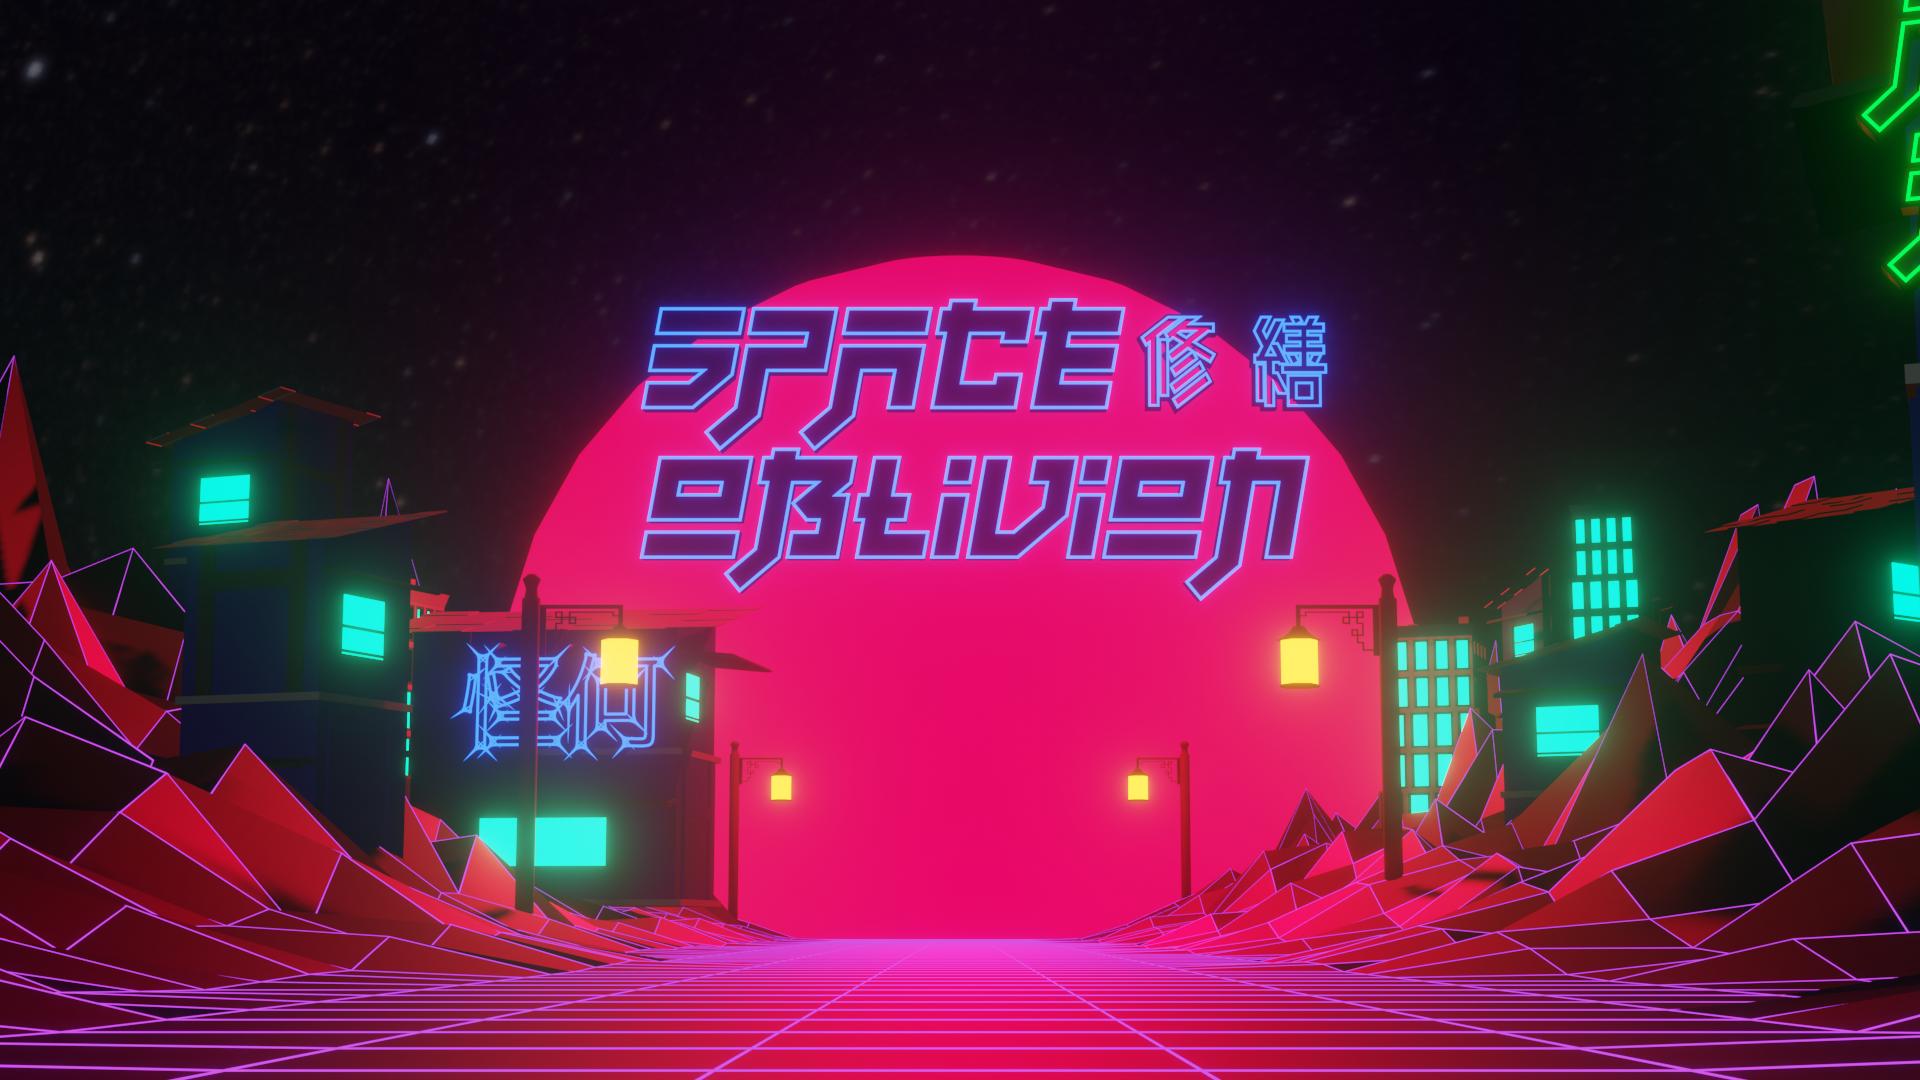 Space Oblivion